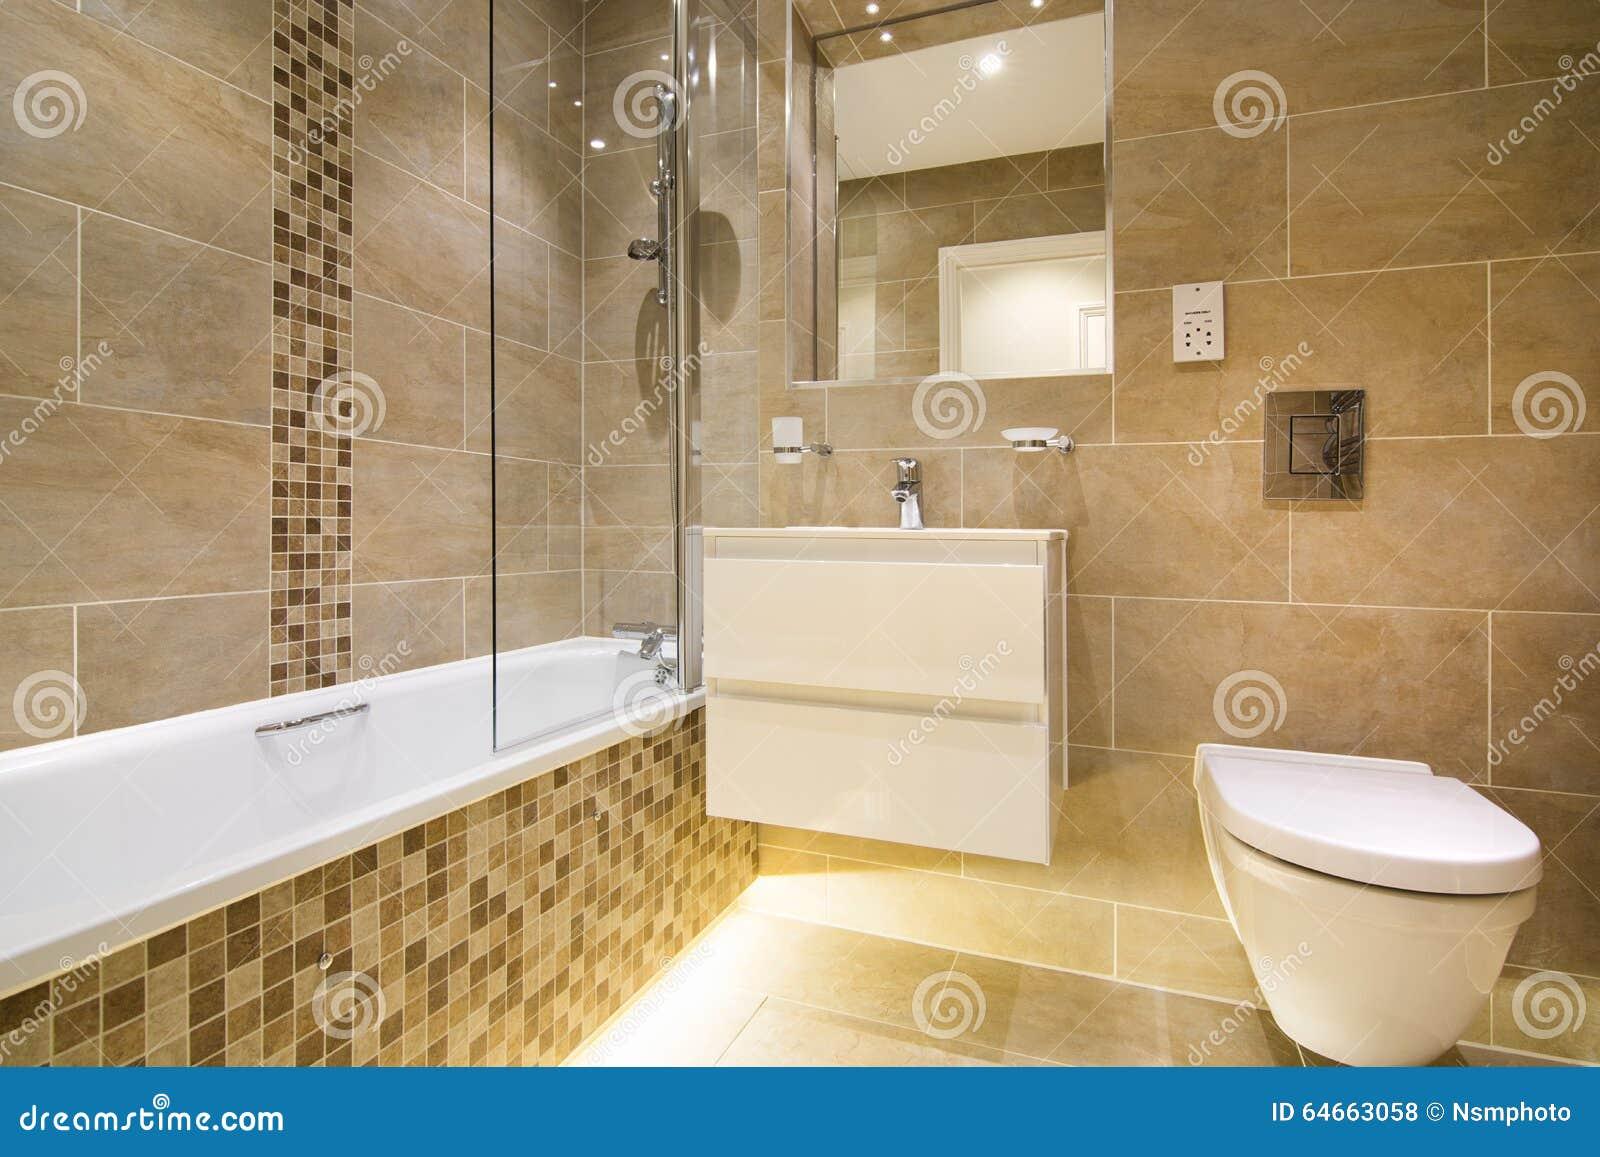 Luxo Banheiro De Três Partes No Bege Marrom Foto de Stock Imagem  #82A328 1300x957 Banheiro Bege Fotos